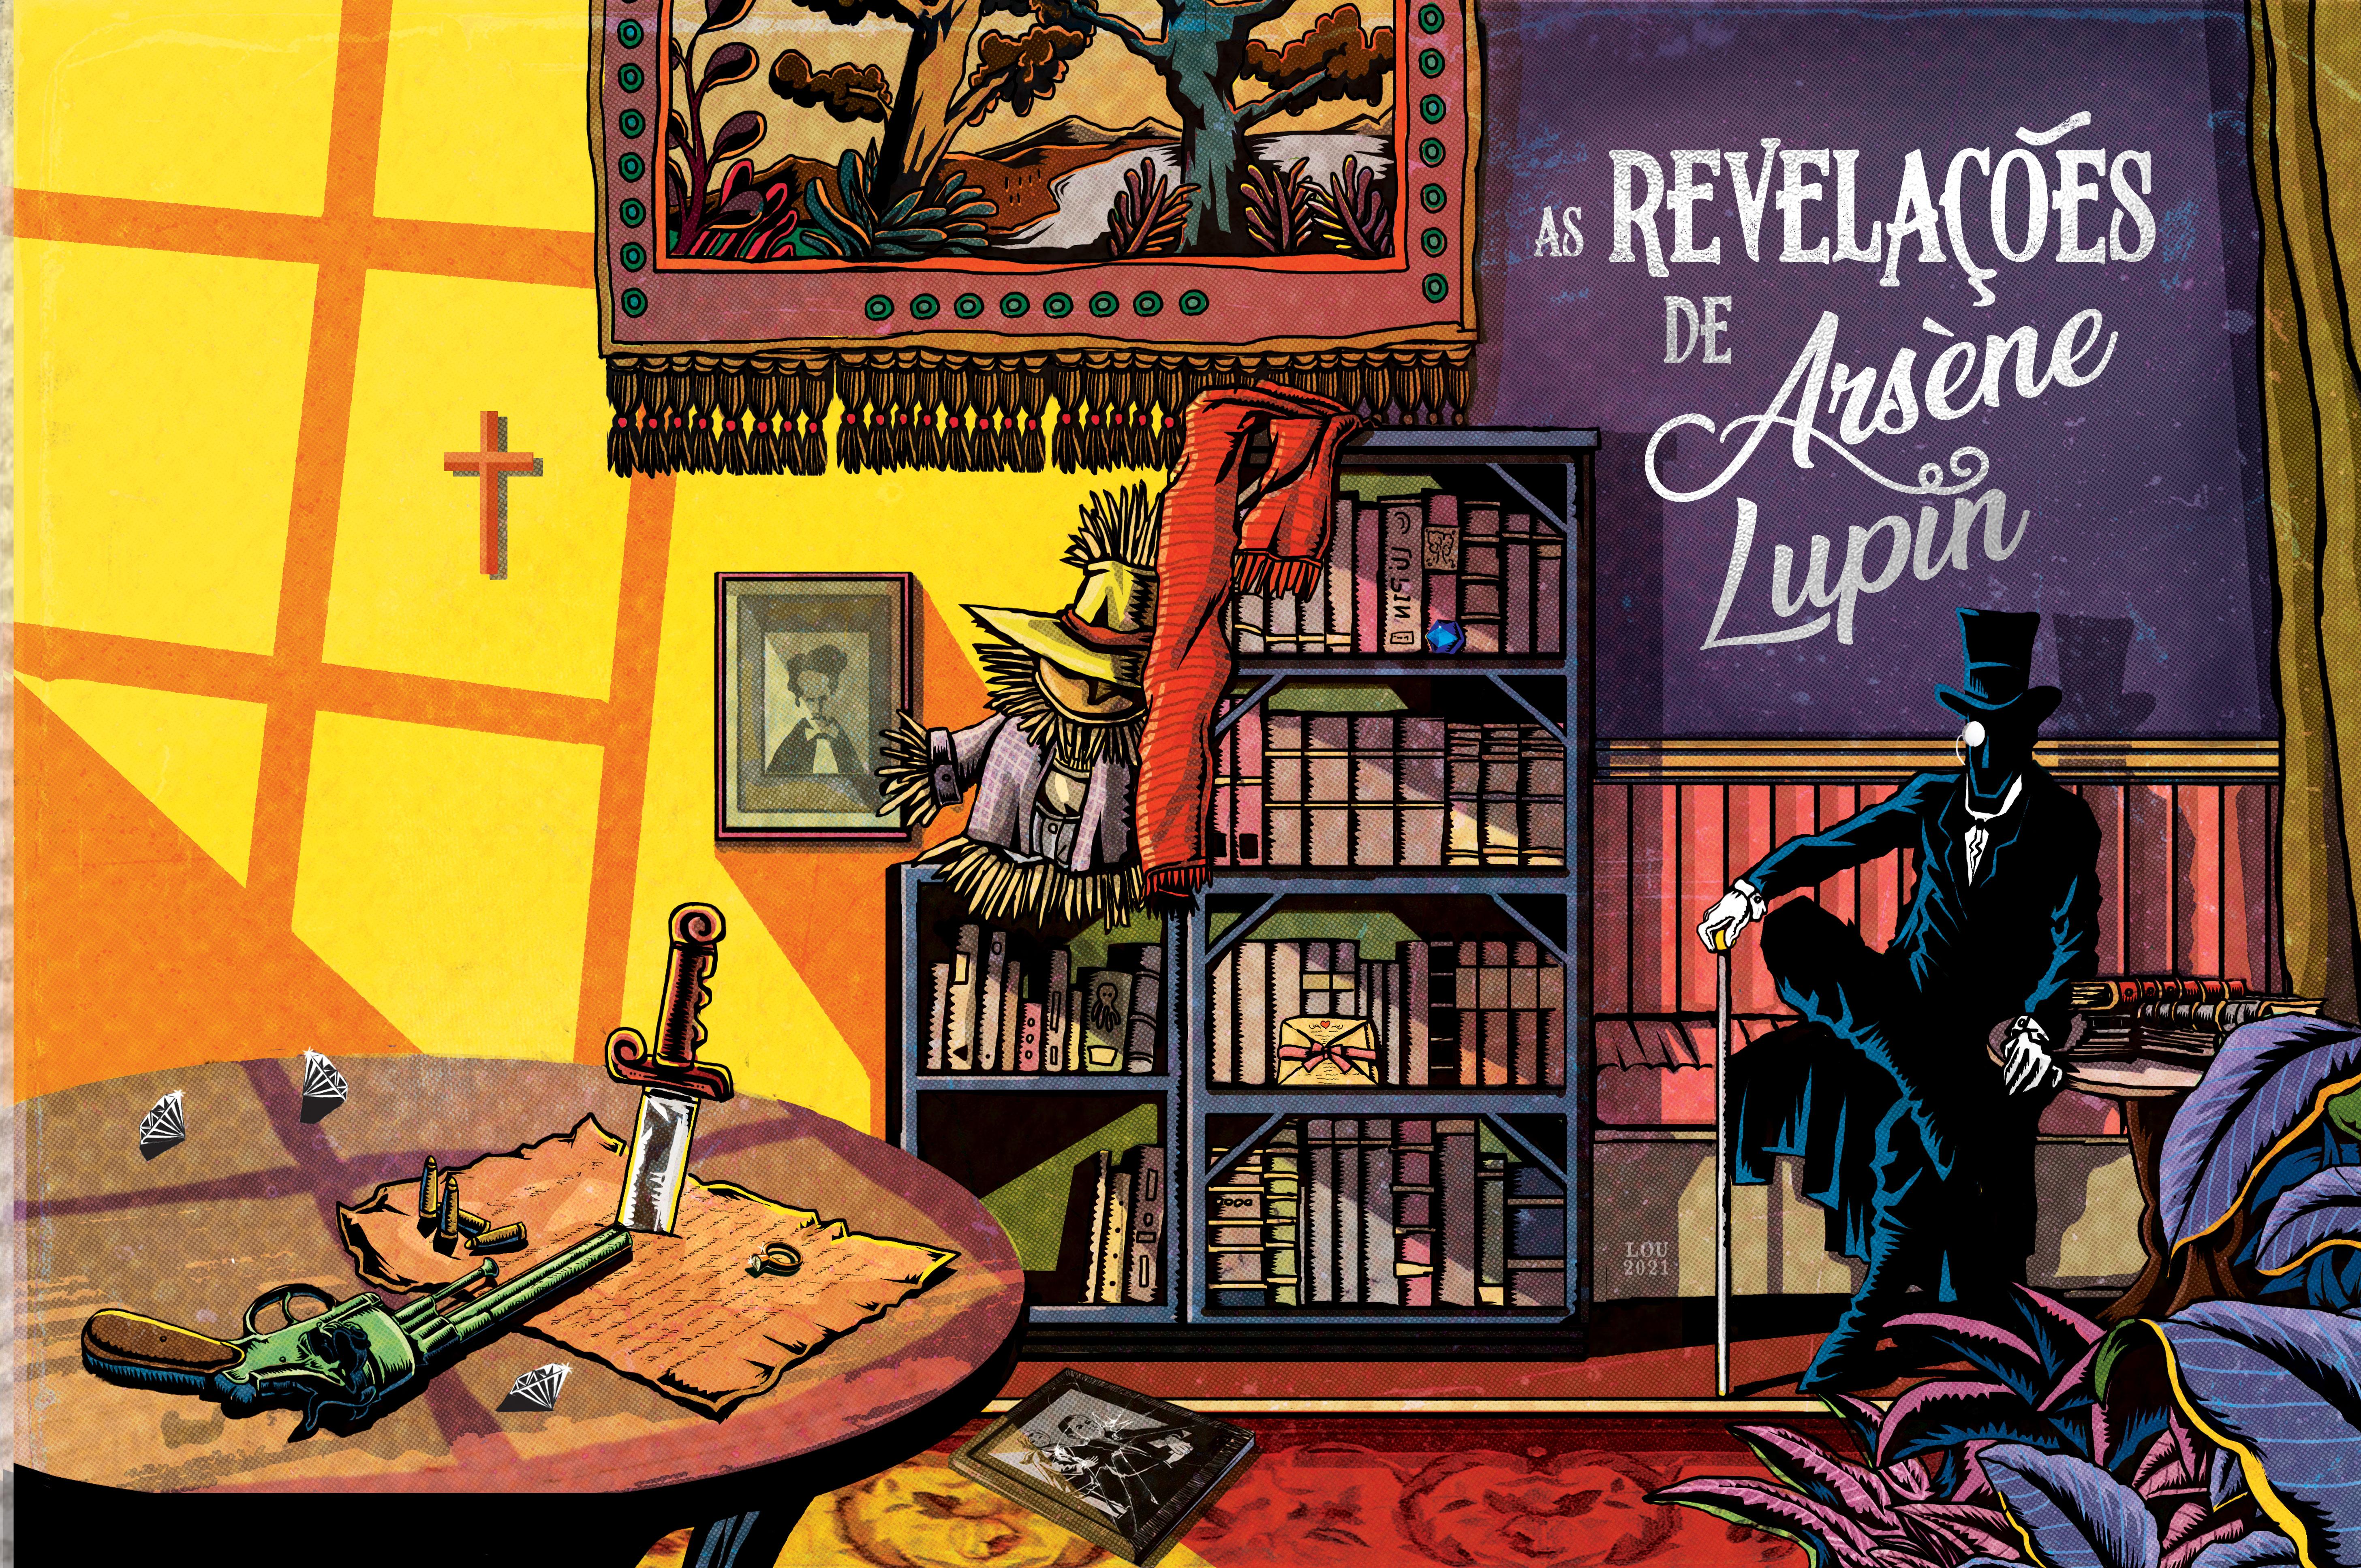 As Revelações de Arsene Lupin